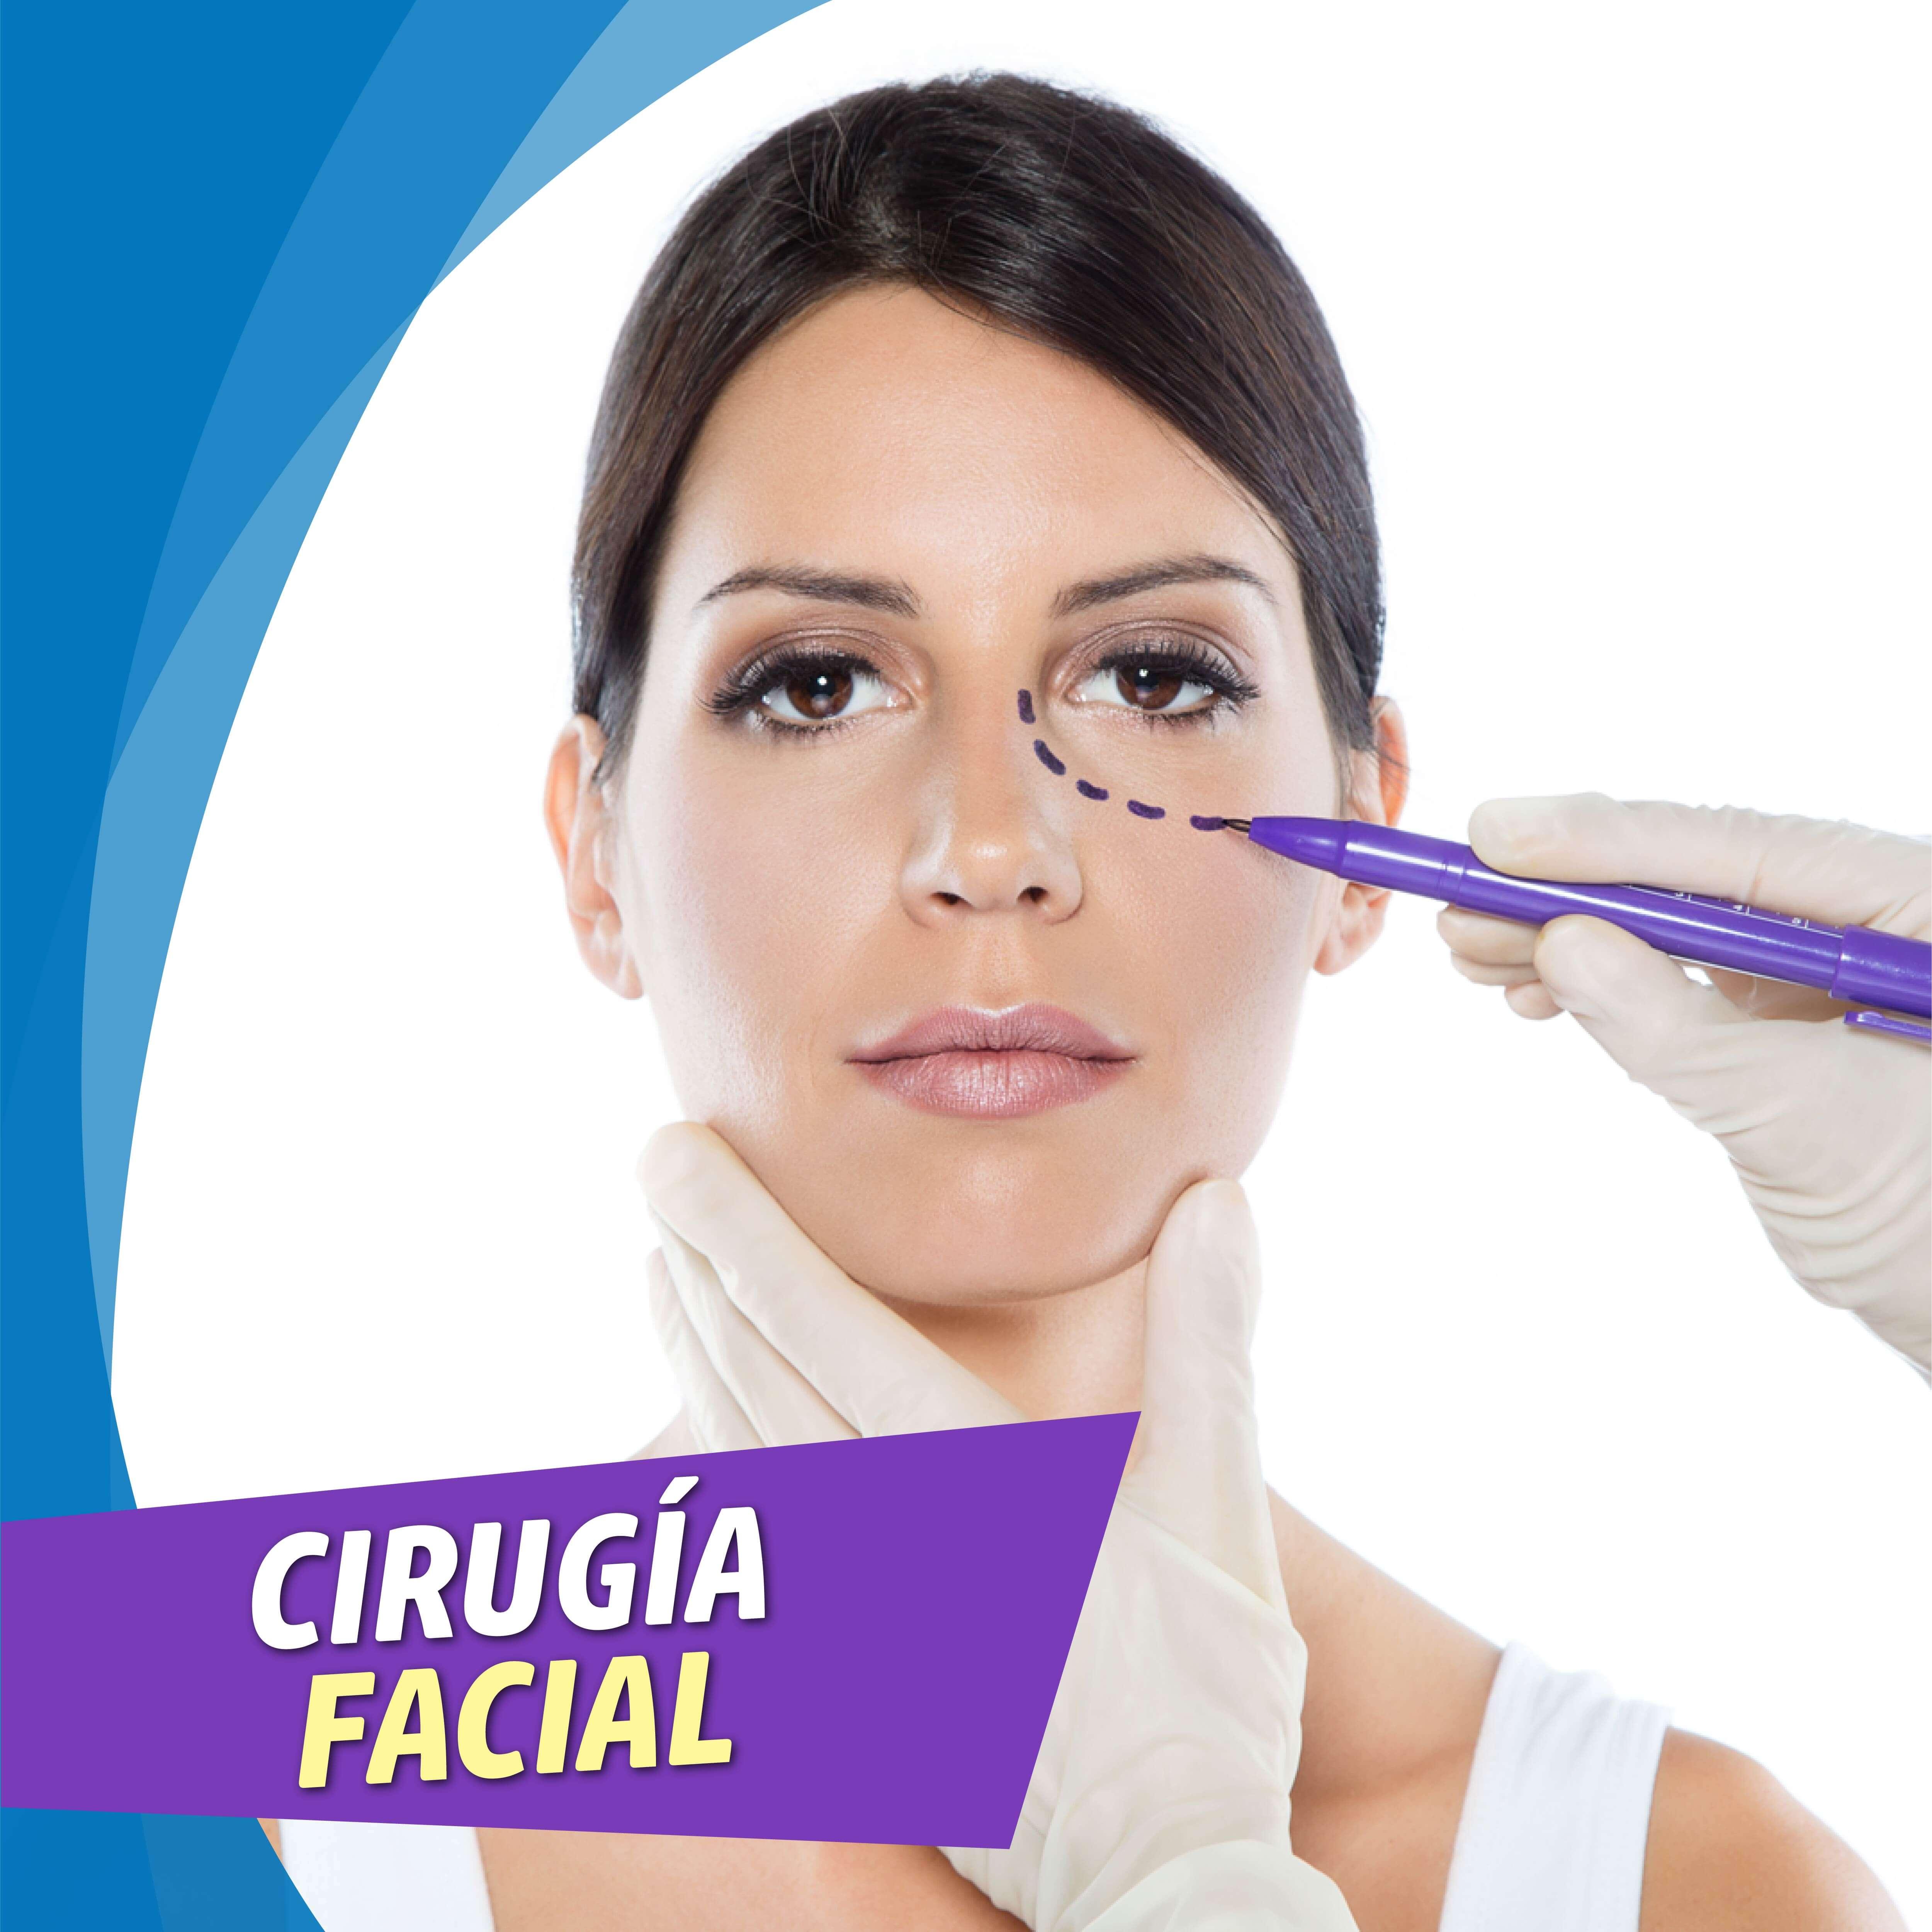 Cirugia Facial Depiel Profesional